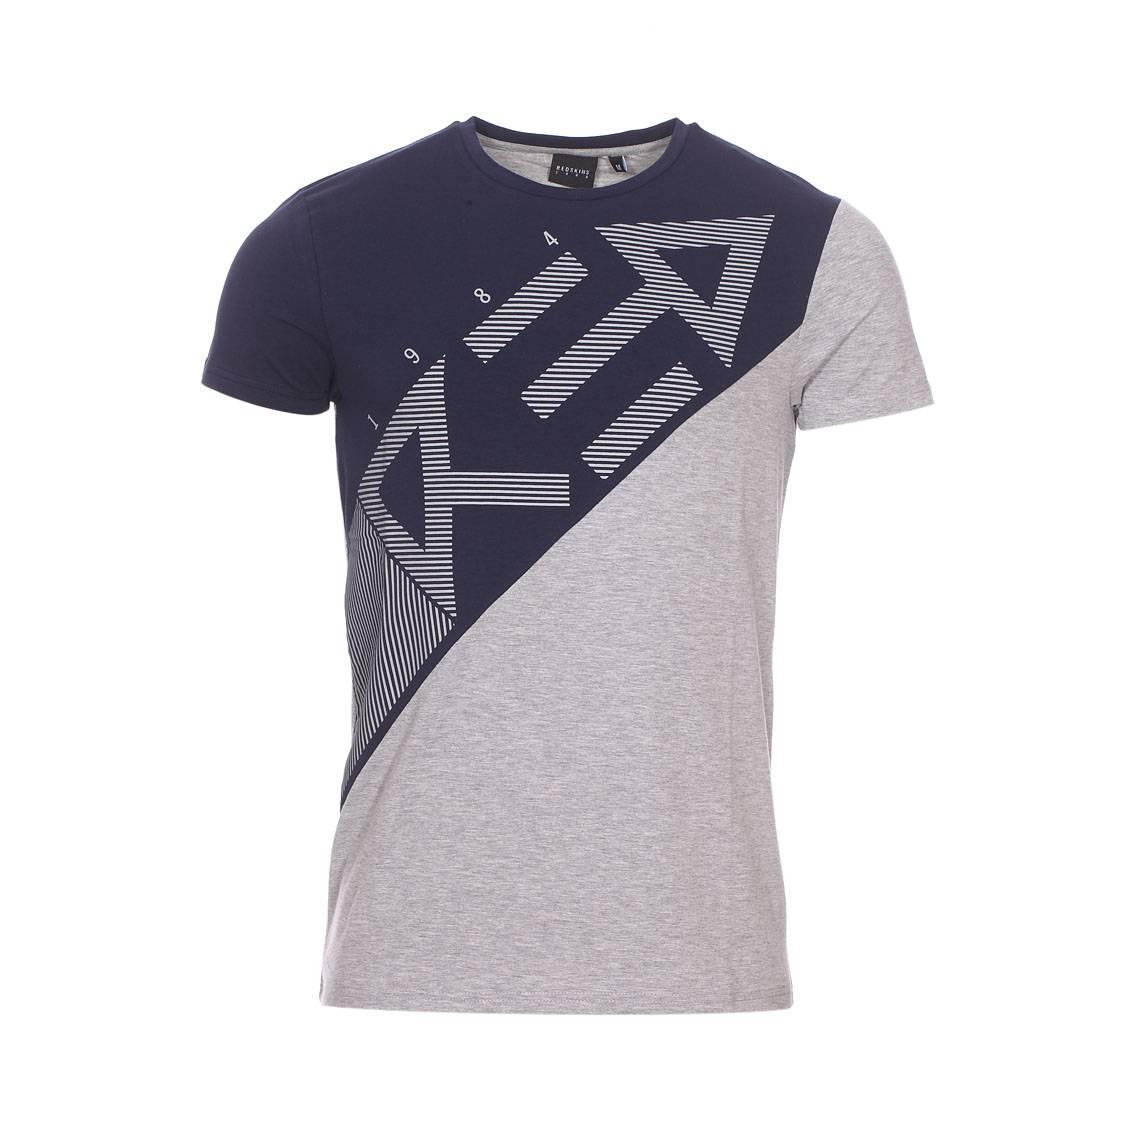 Tee-shirt col rond  en coton stretch gris chiné et bleu marine